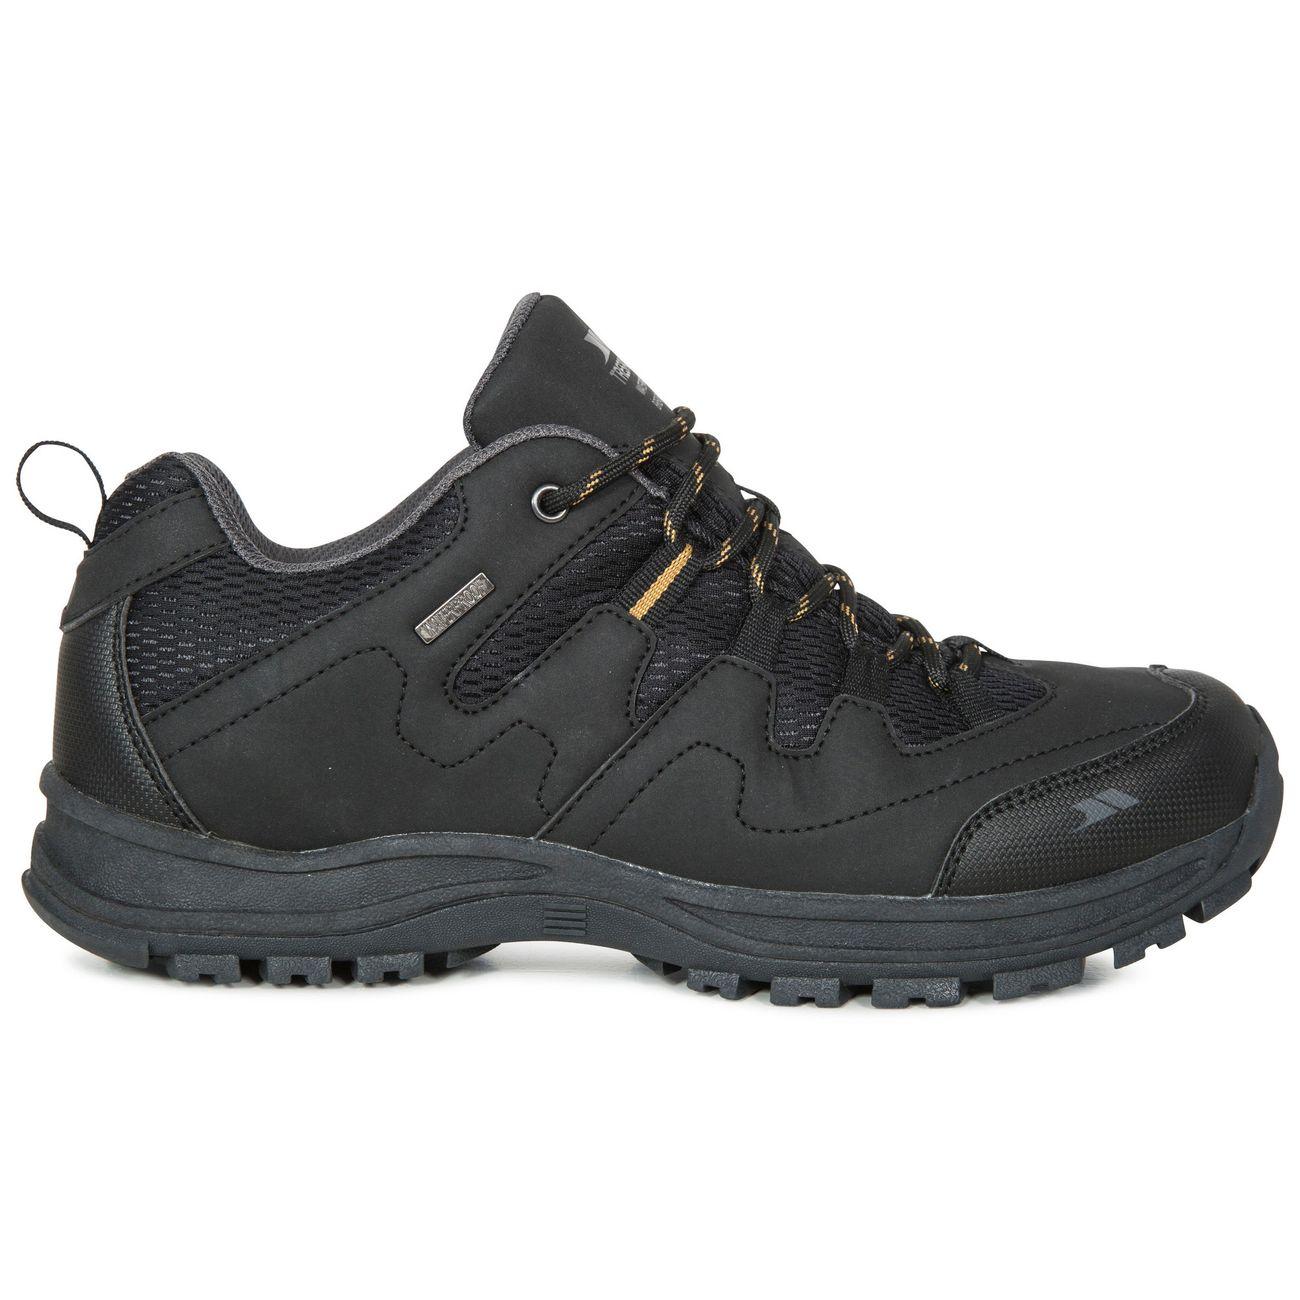 Finley Homme Trespass Chaussures De Randonnée wnNm80